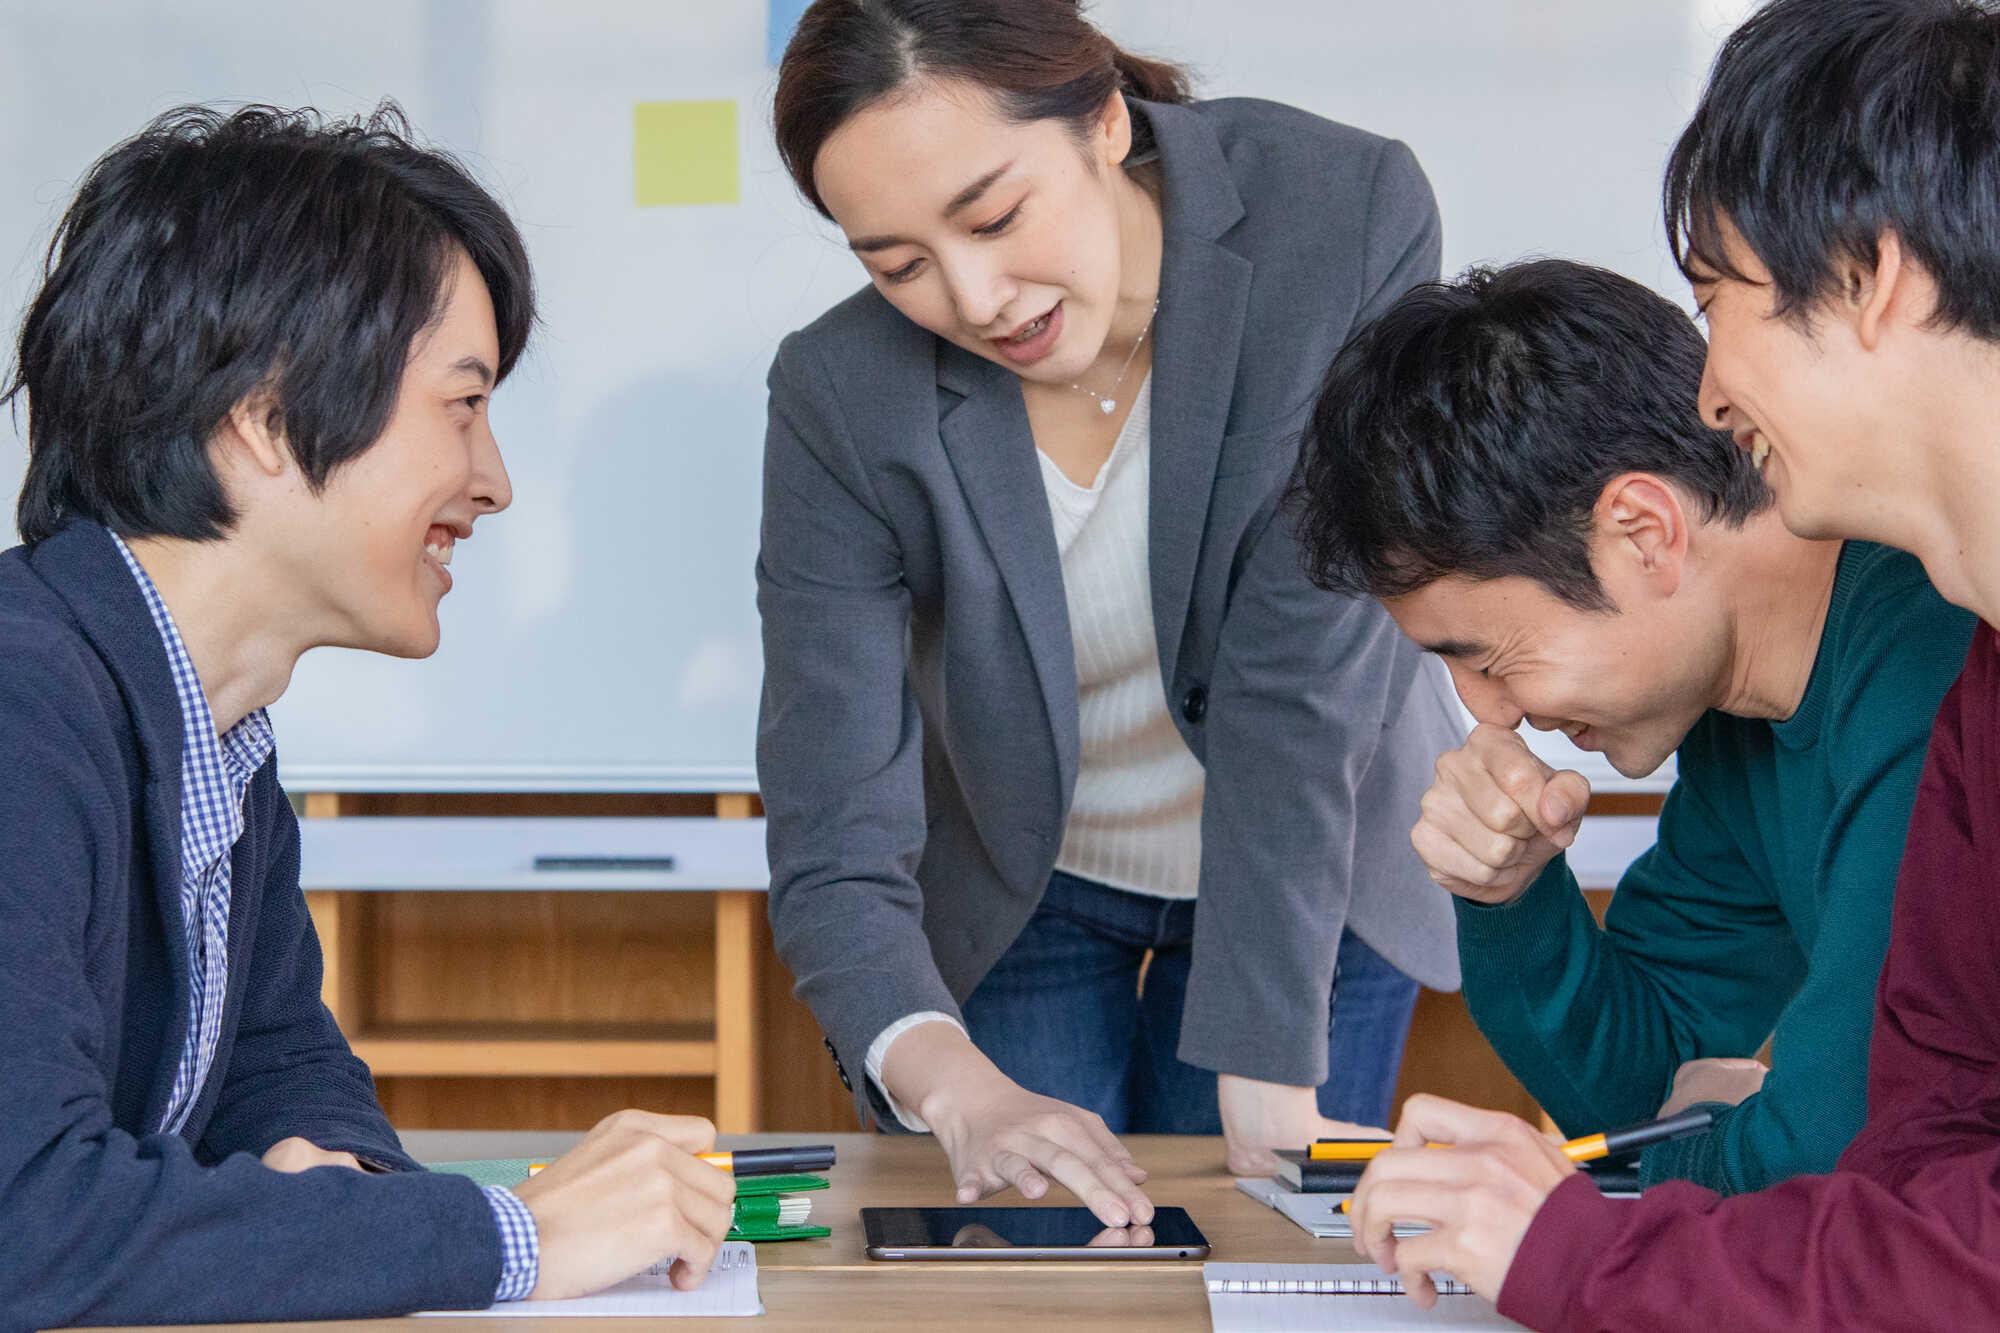 クレドが浸透した組織では、社員のエンゲージメントが高まりチーム・部門間の連携が向上する